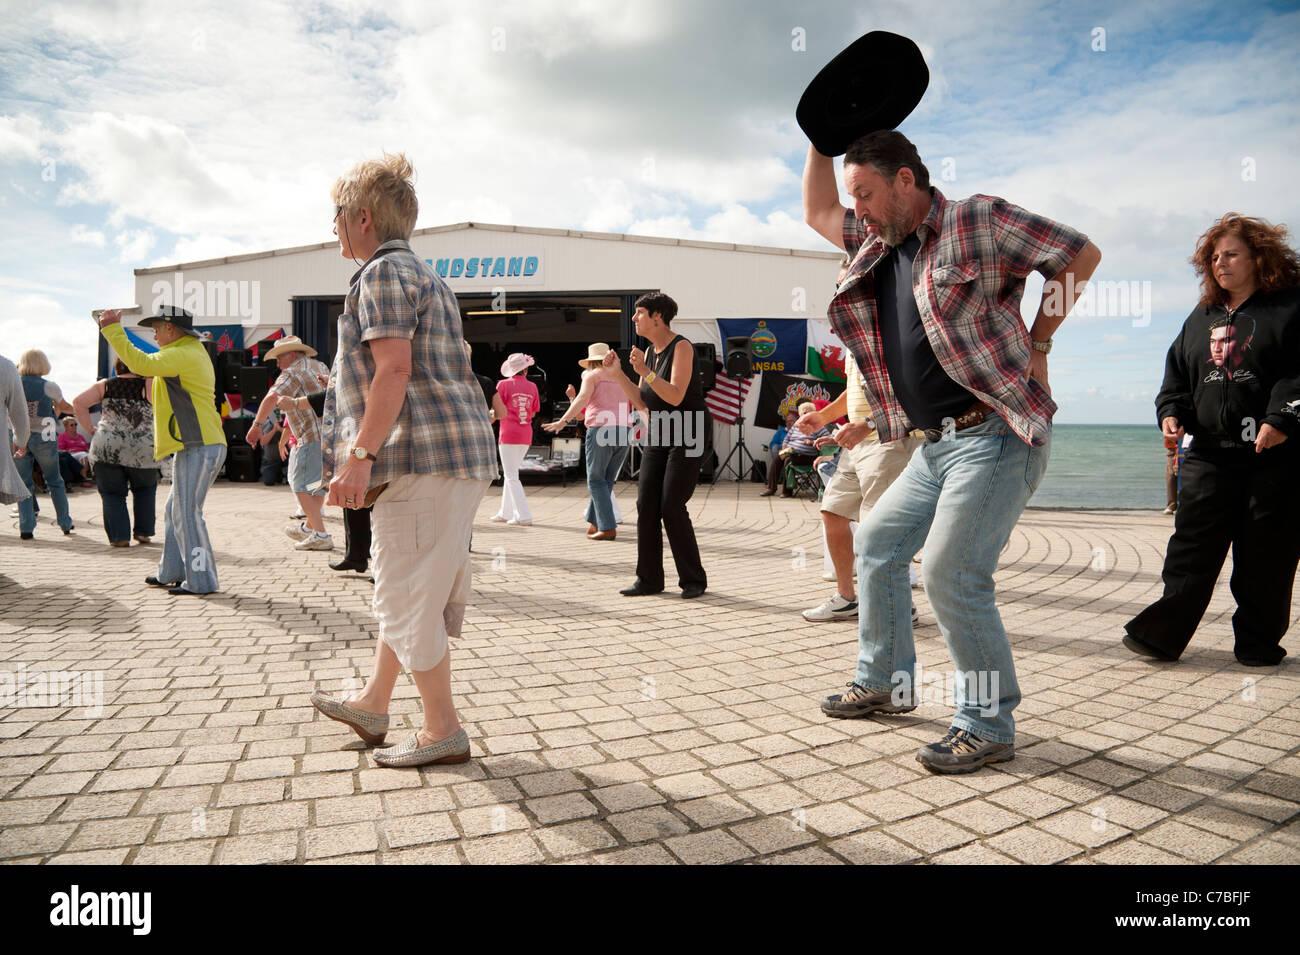 Menschen Sie, Line-Dance zugunsten der Nächstenliebe auf Aberystwyth Promenade Wales UK Stockbild